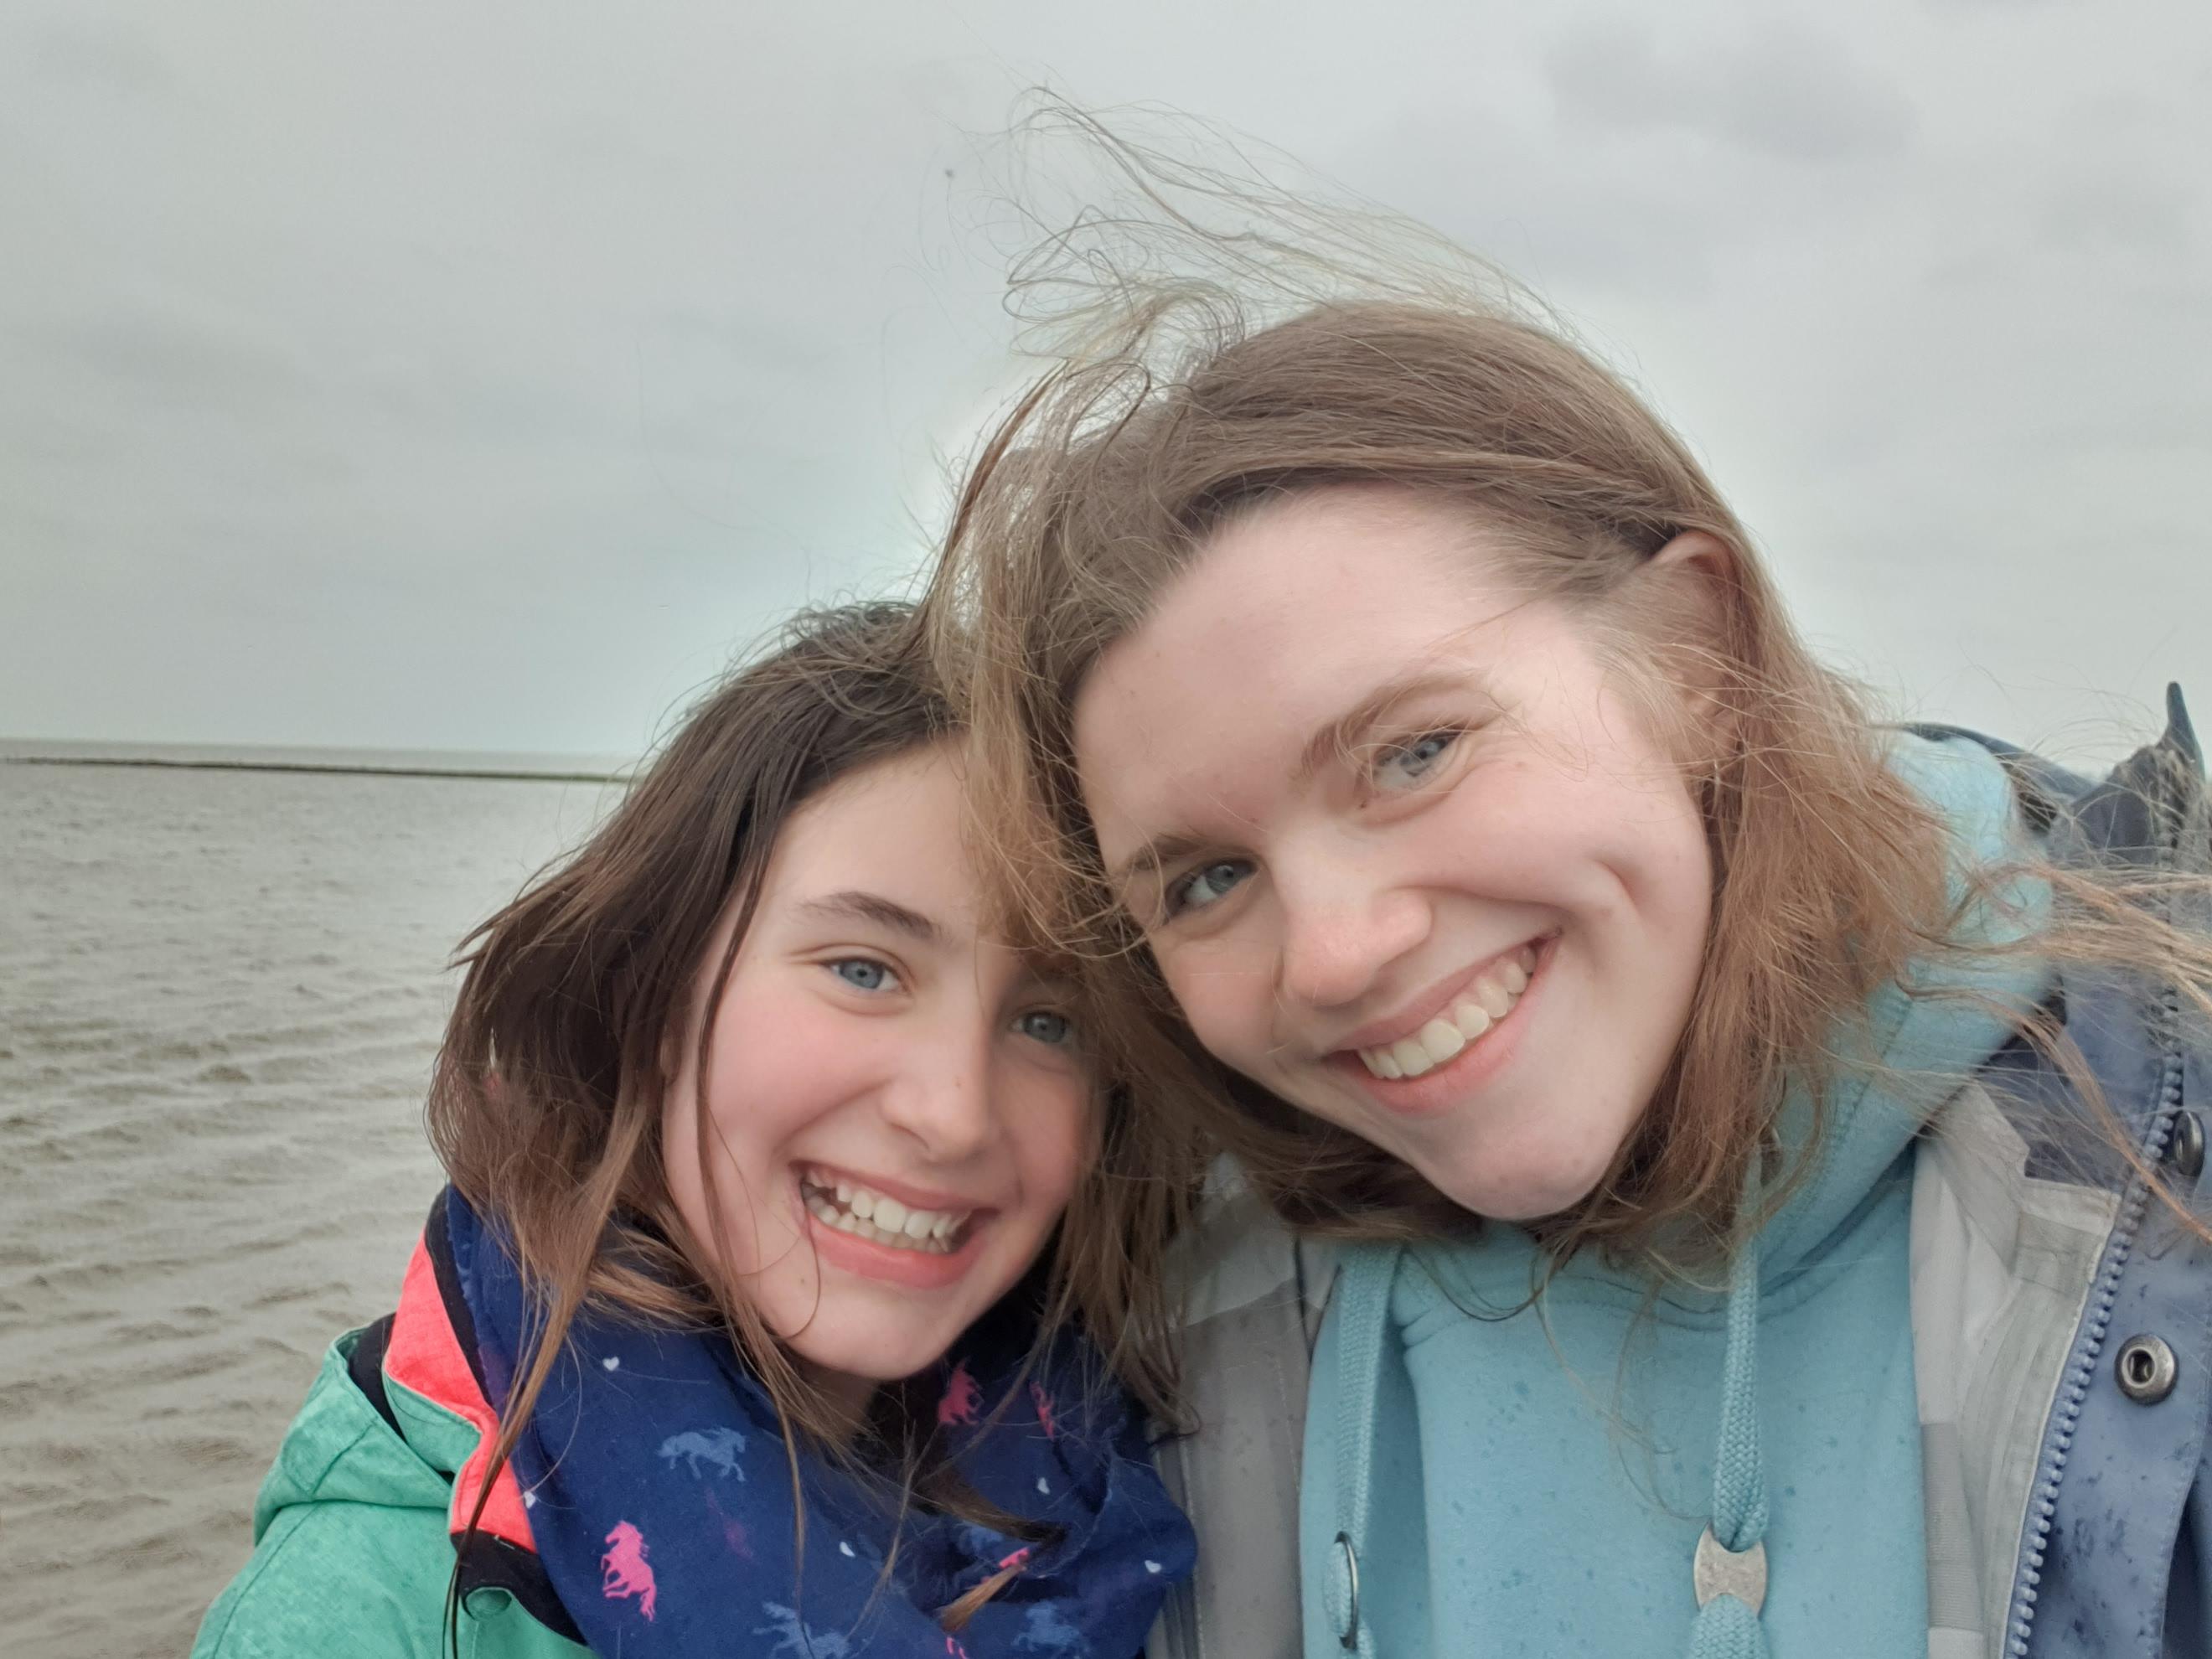 Nærbilde av to jenter som står ved et vann og smiler til kameraet. Foto.